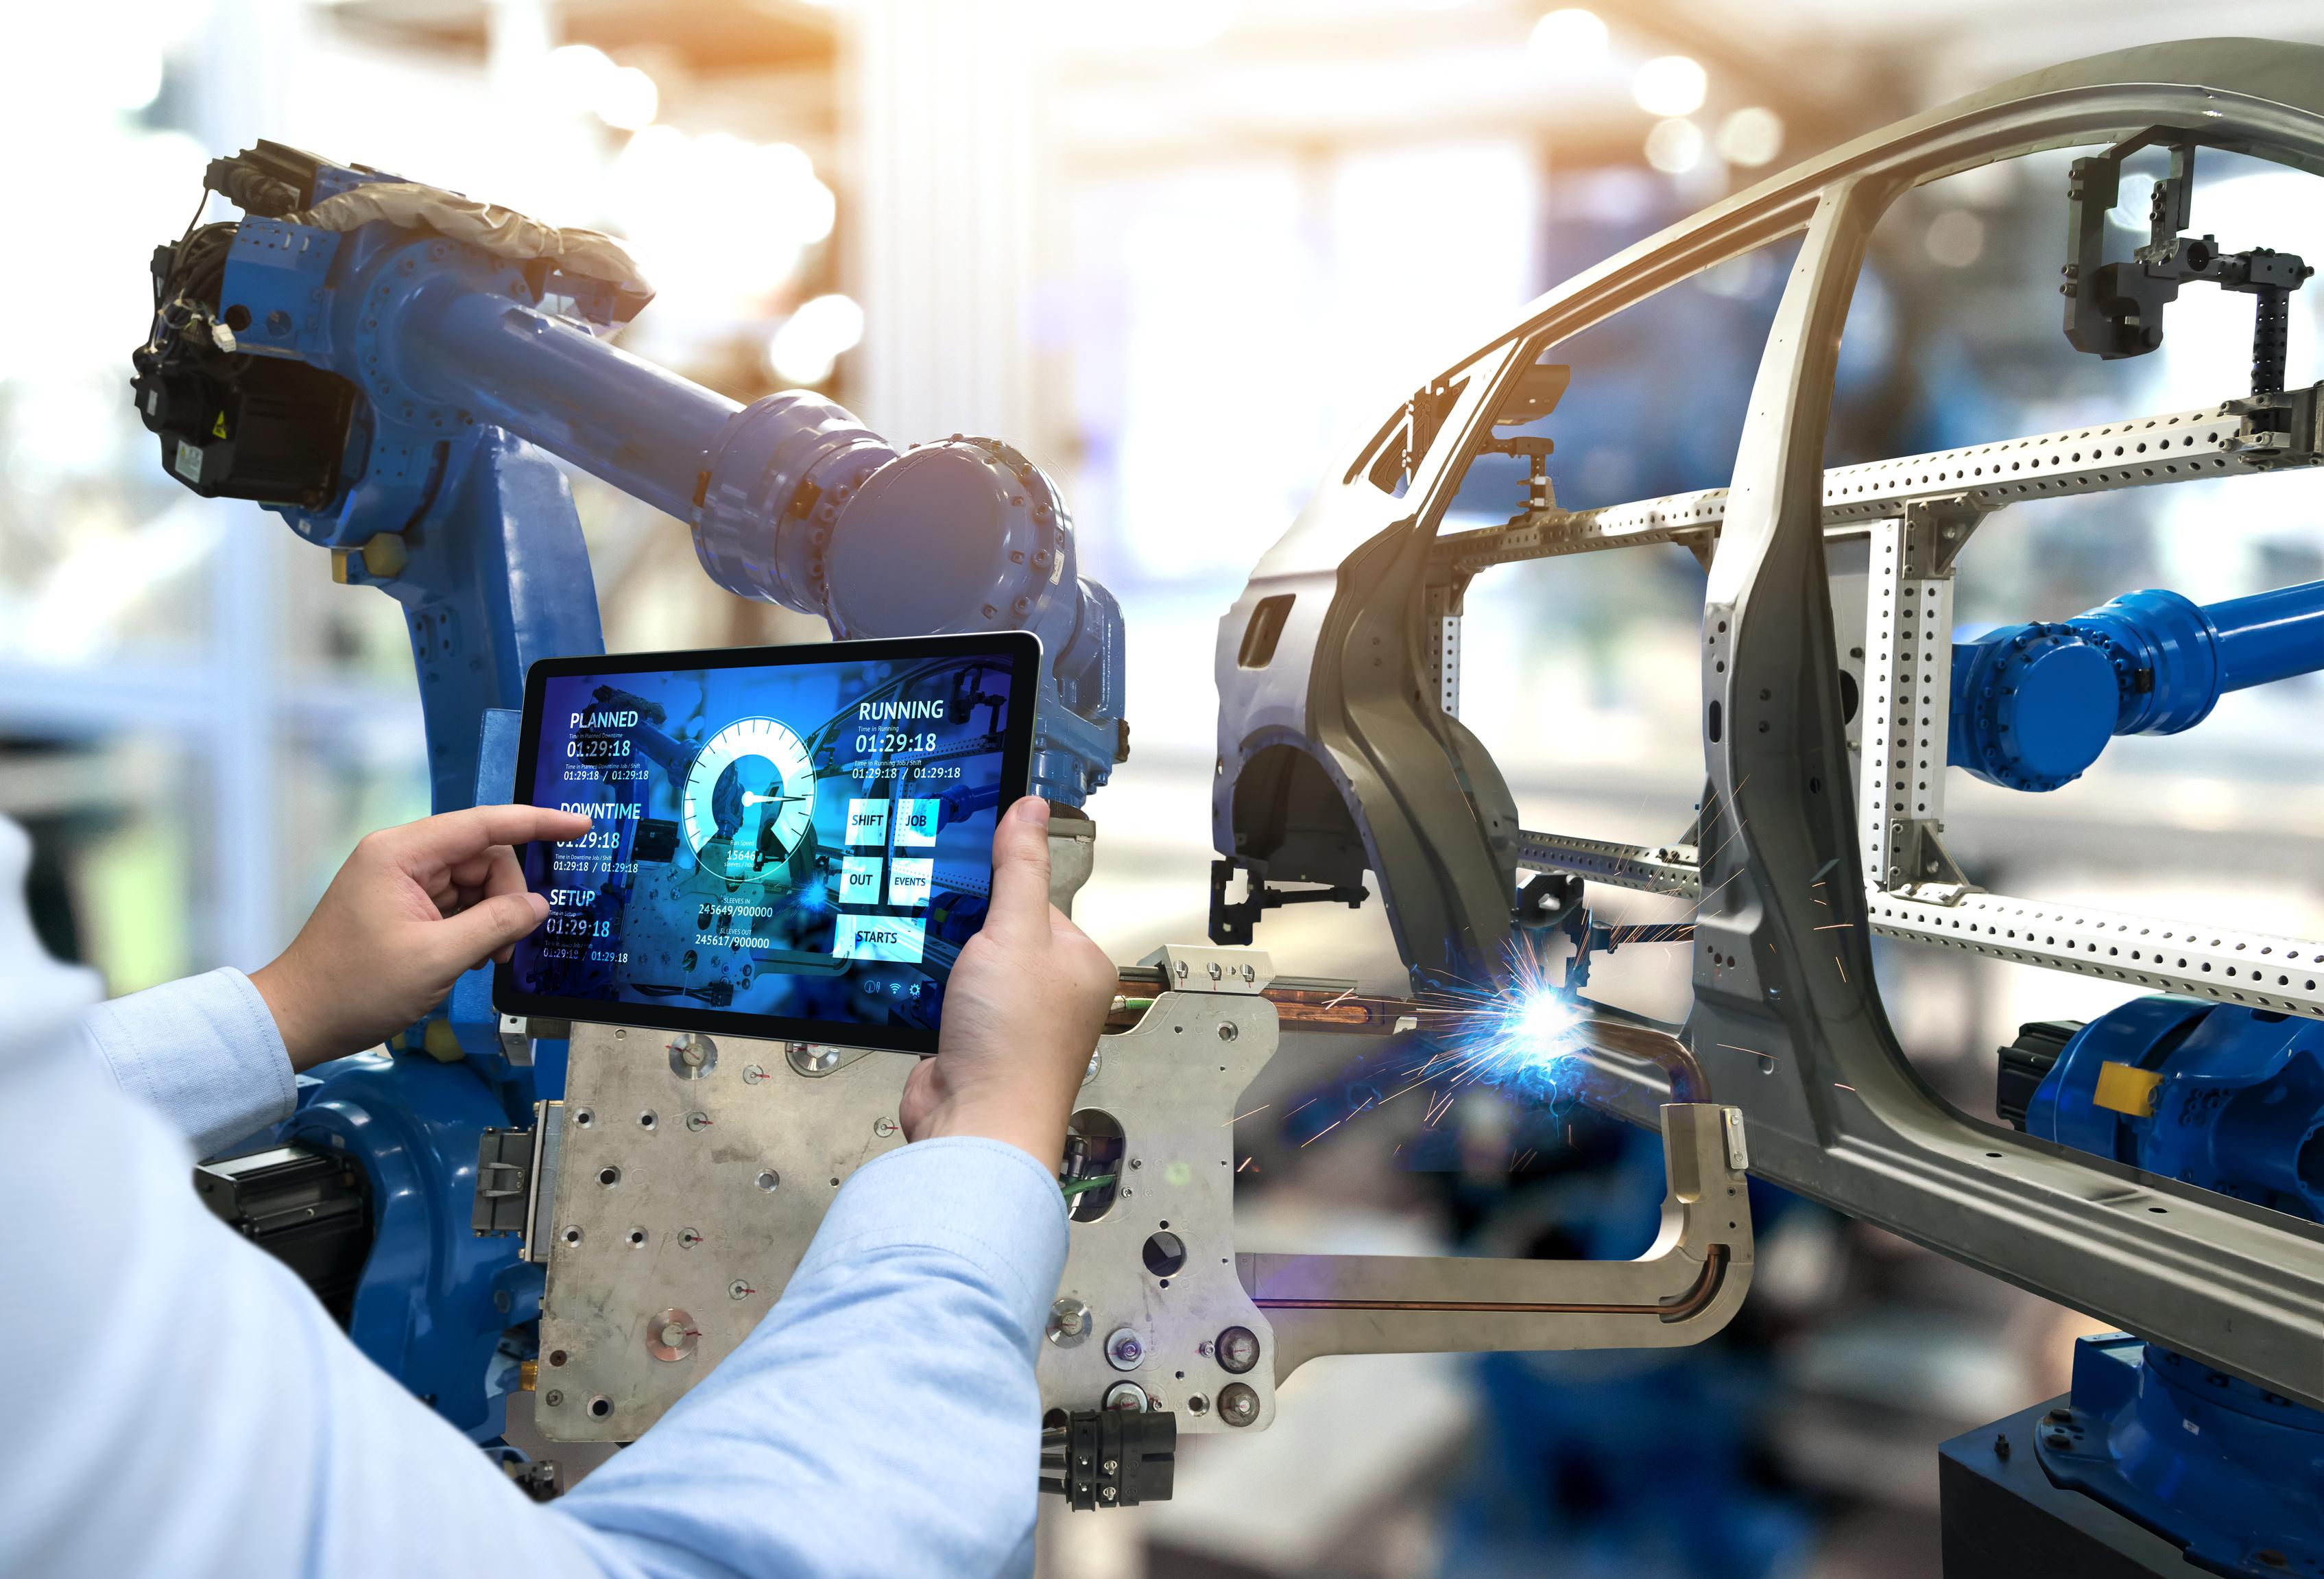 Wertschöpfungsketten - Hürden auf demWeg zur Industrie 4.0